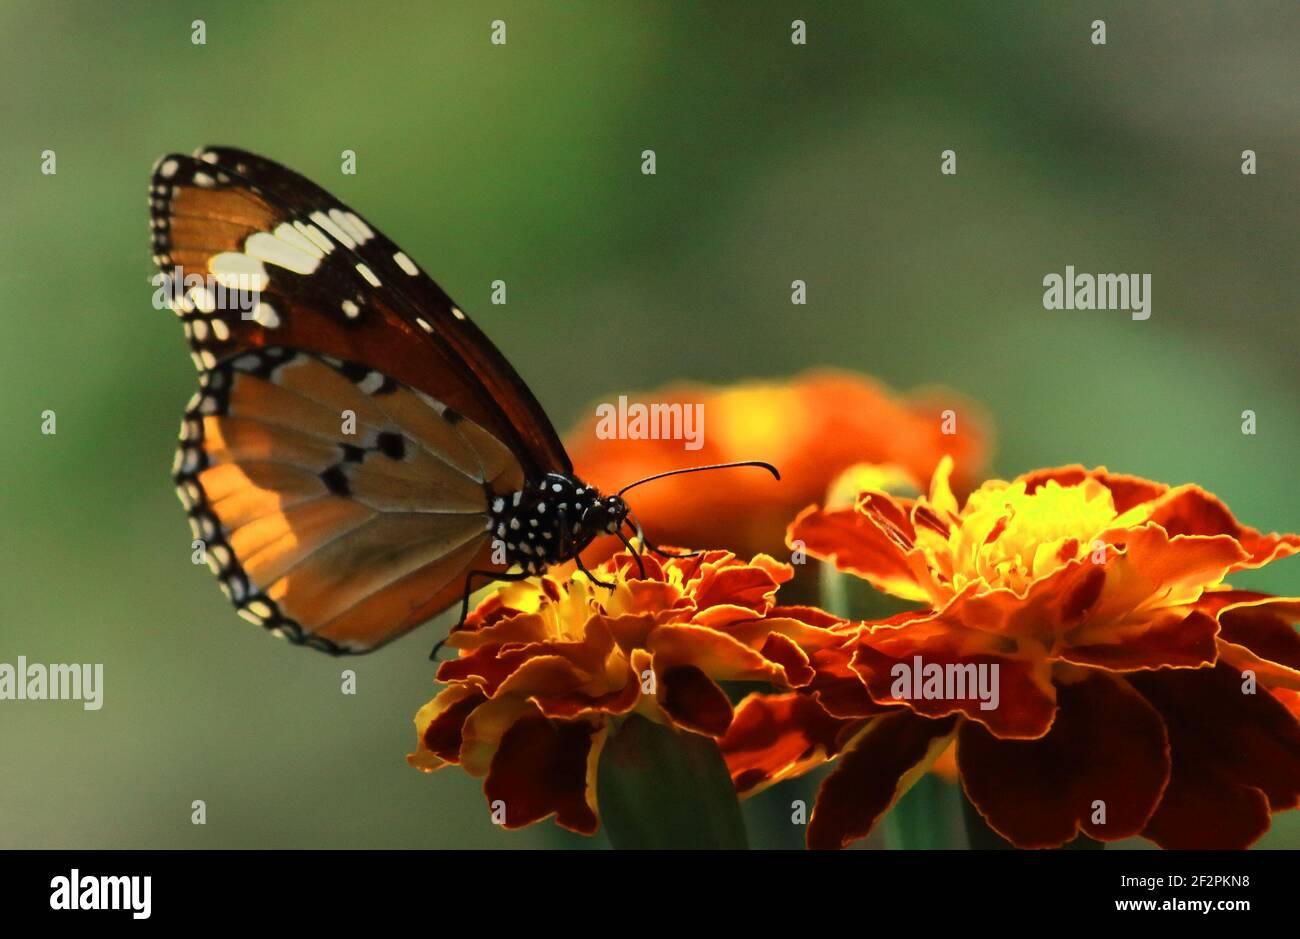 una mariposa femenina de tigre liso o reina africana o monarca africano (danaus chrysippus) está chupar néctar de flores, jardín de mariposas en bengala occidental Foto de stock